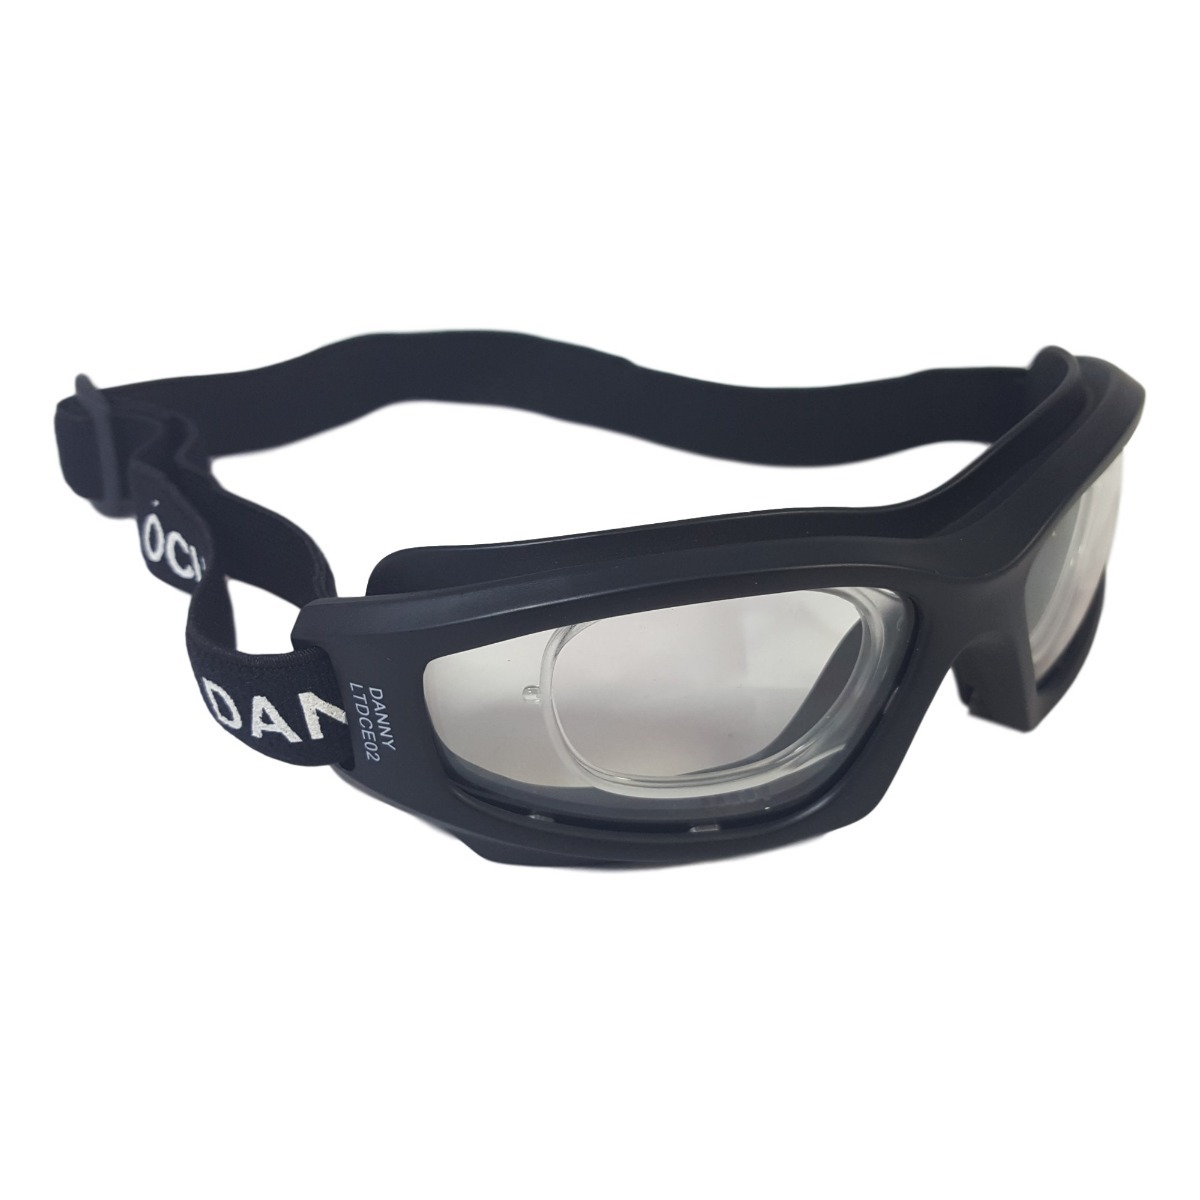 b2ebd9fb7 oculos proteção esportivo dtech com suporte para lente grau. Carregando  zoom.